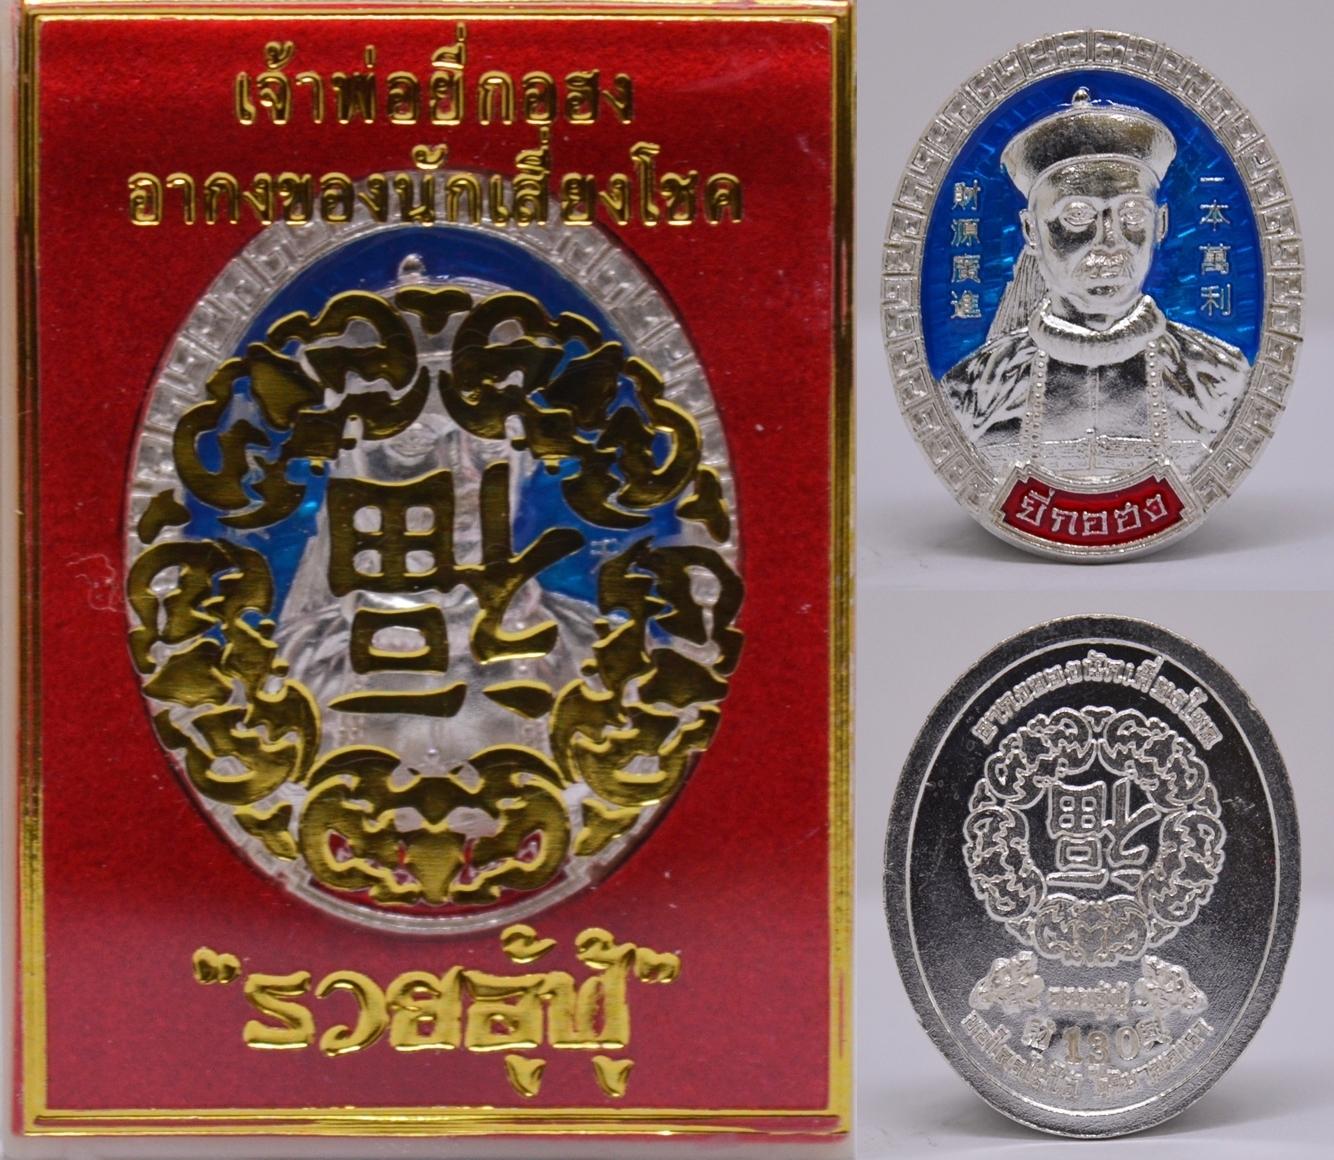 เหรียญเจ้าพ่อยี่กอฮง เนื้อเงินลงยาสีฟ้า รุ่นรวยอู้ฟู่ 2563